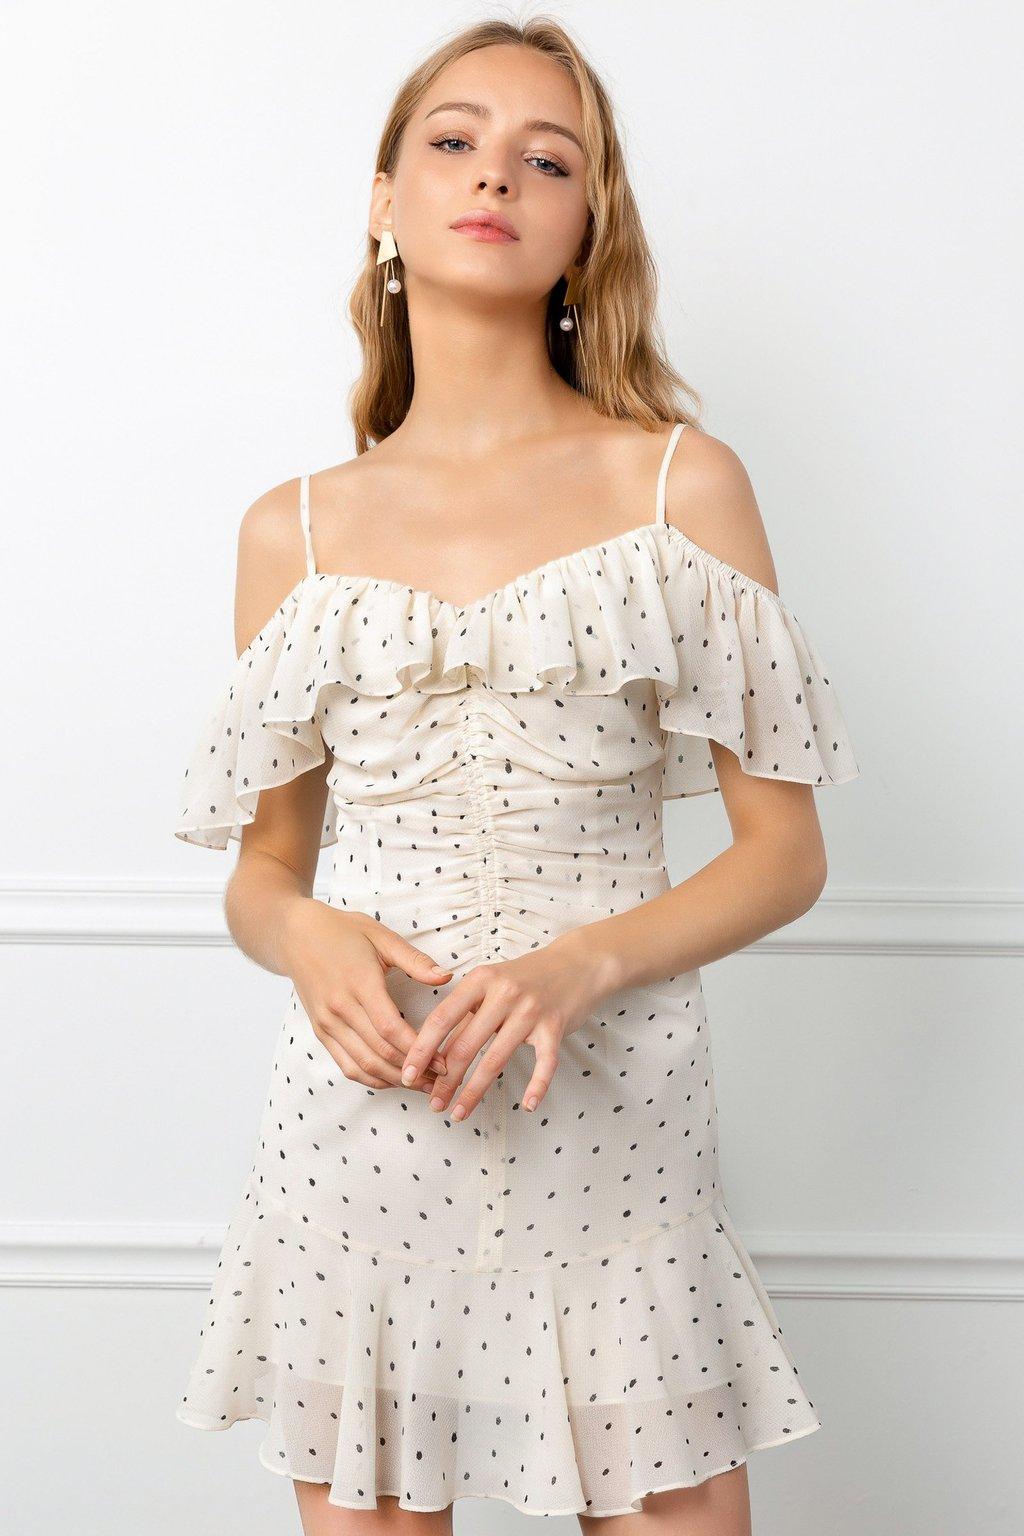 Polka Dot Rosaline Dress by J.ING la women's fashion